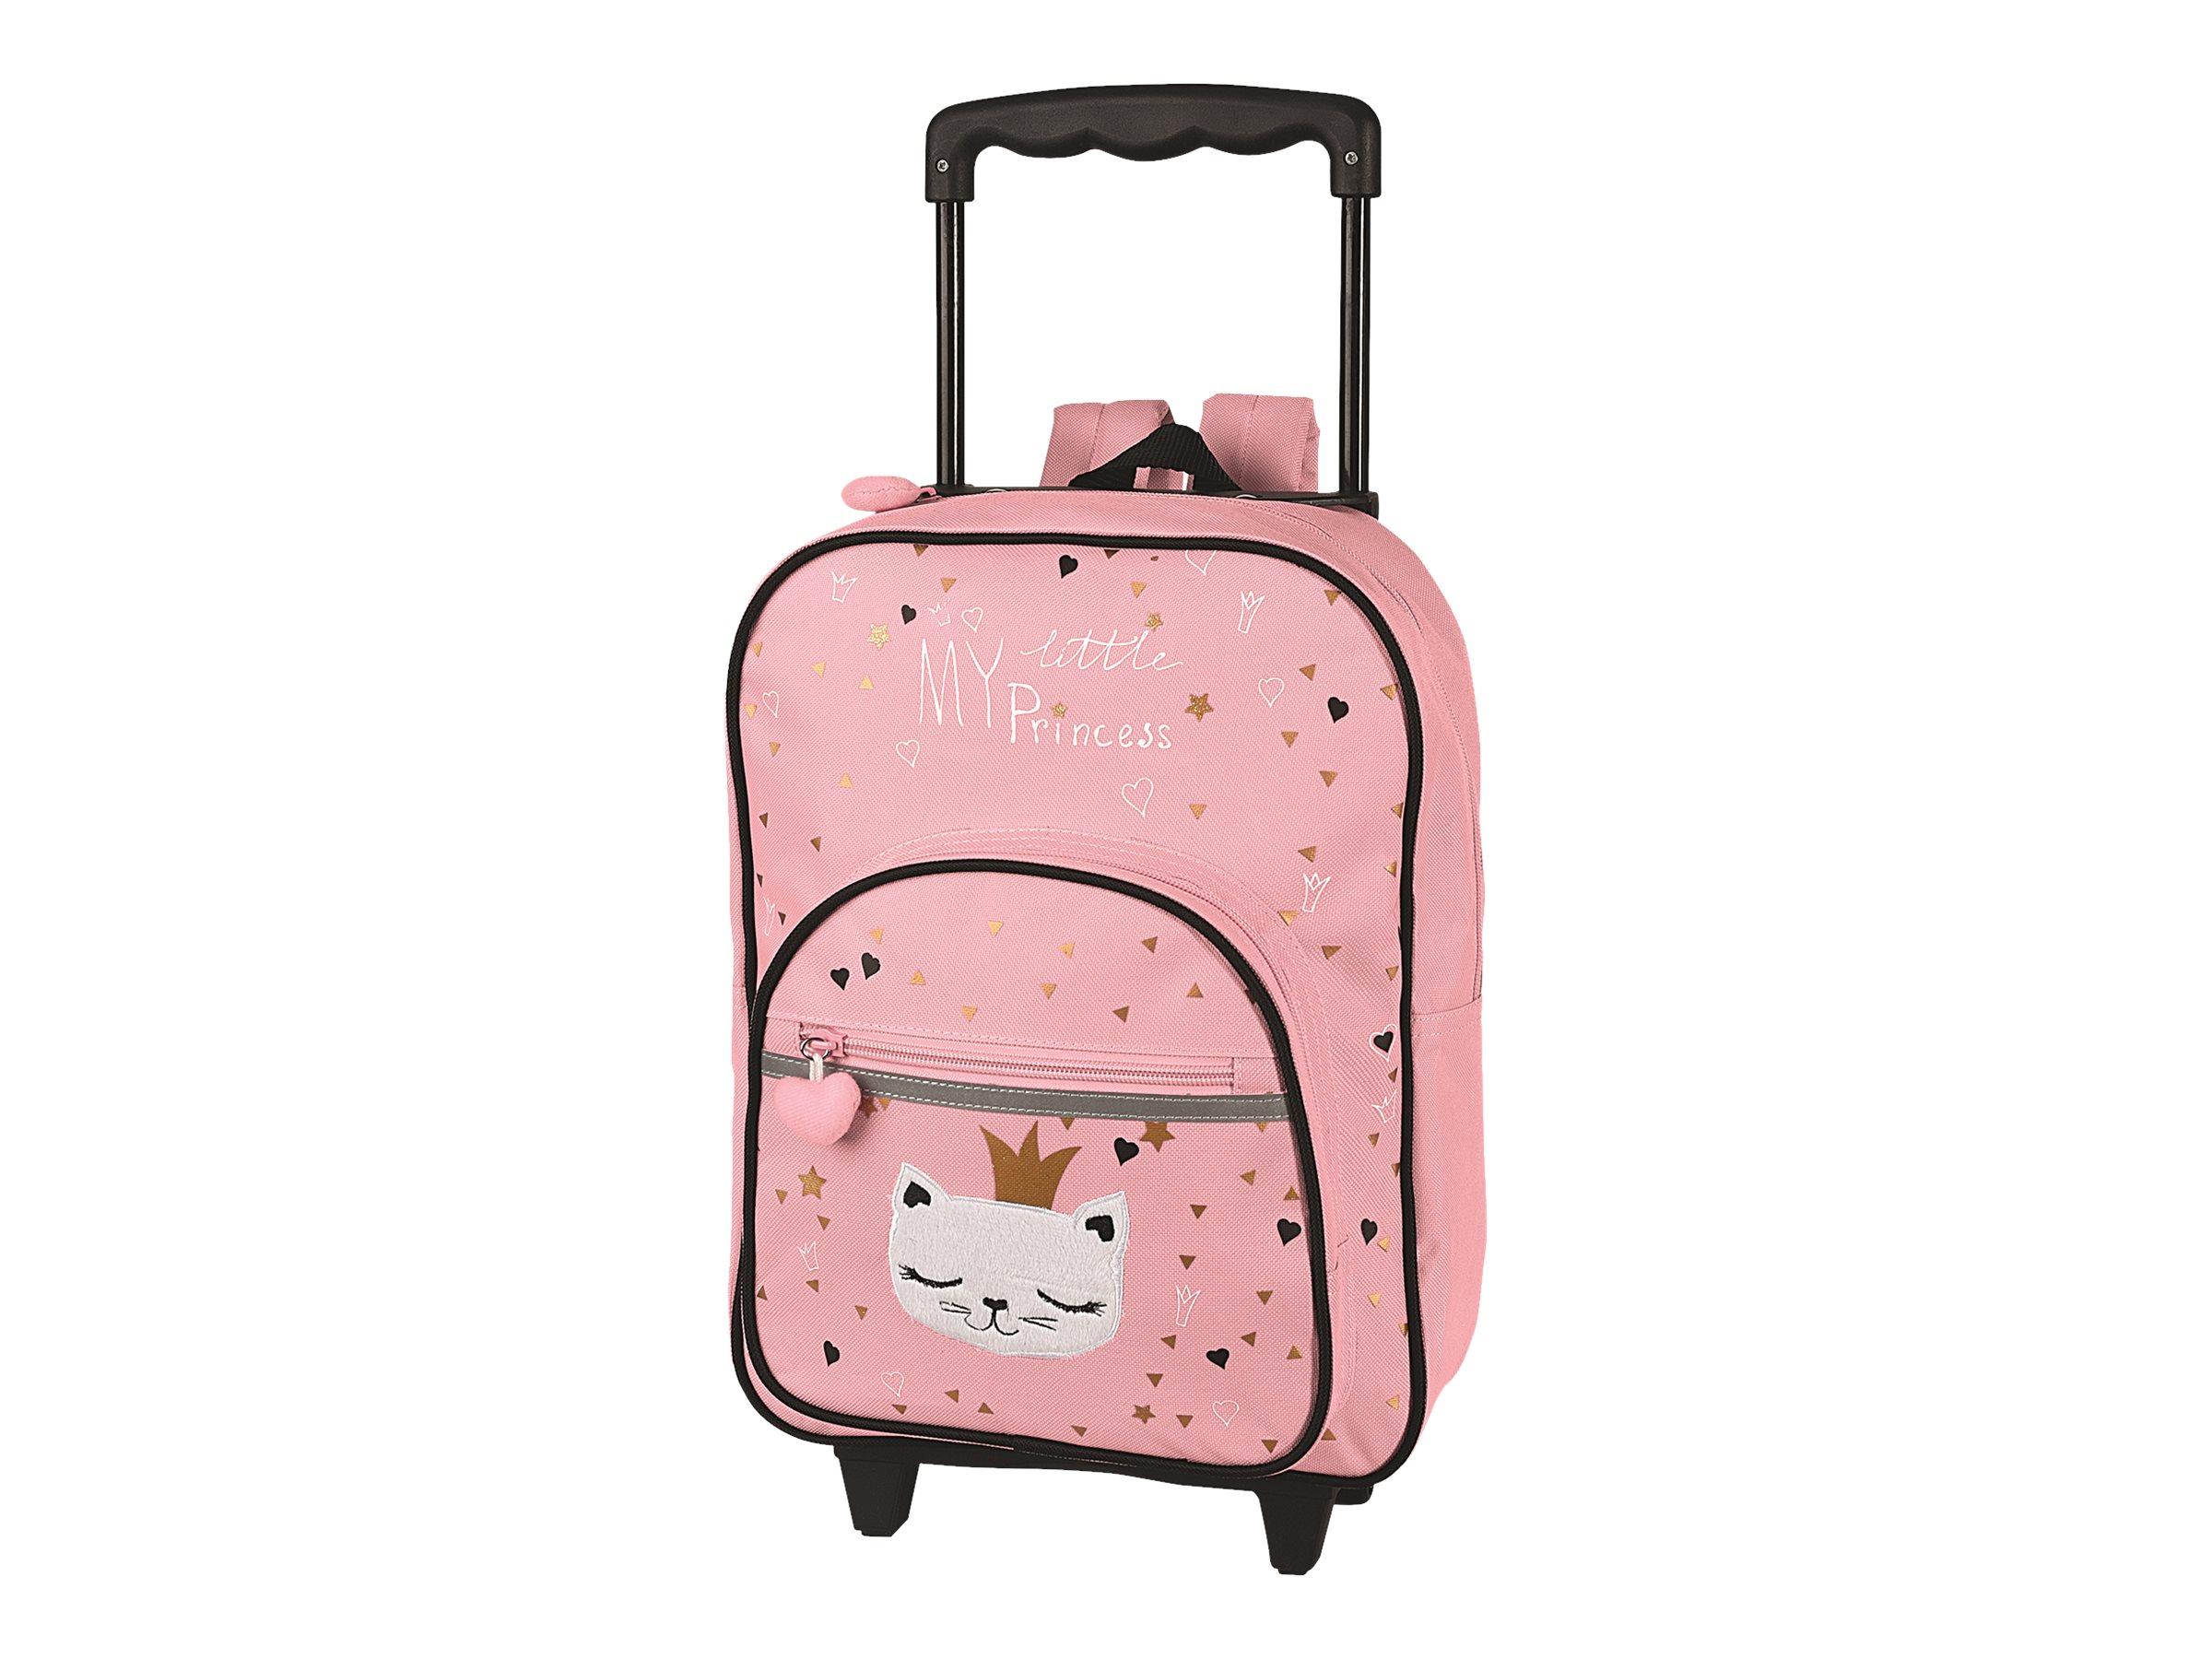 Oberthur Chaton Princess - valise à roulette / sac à dos